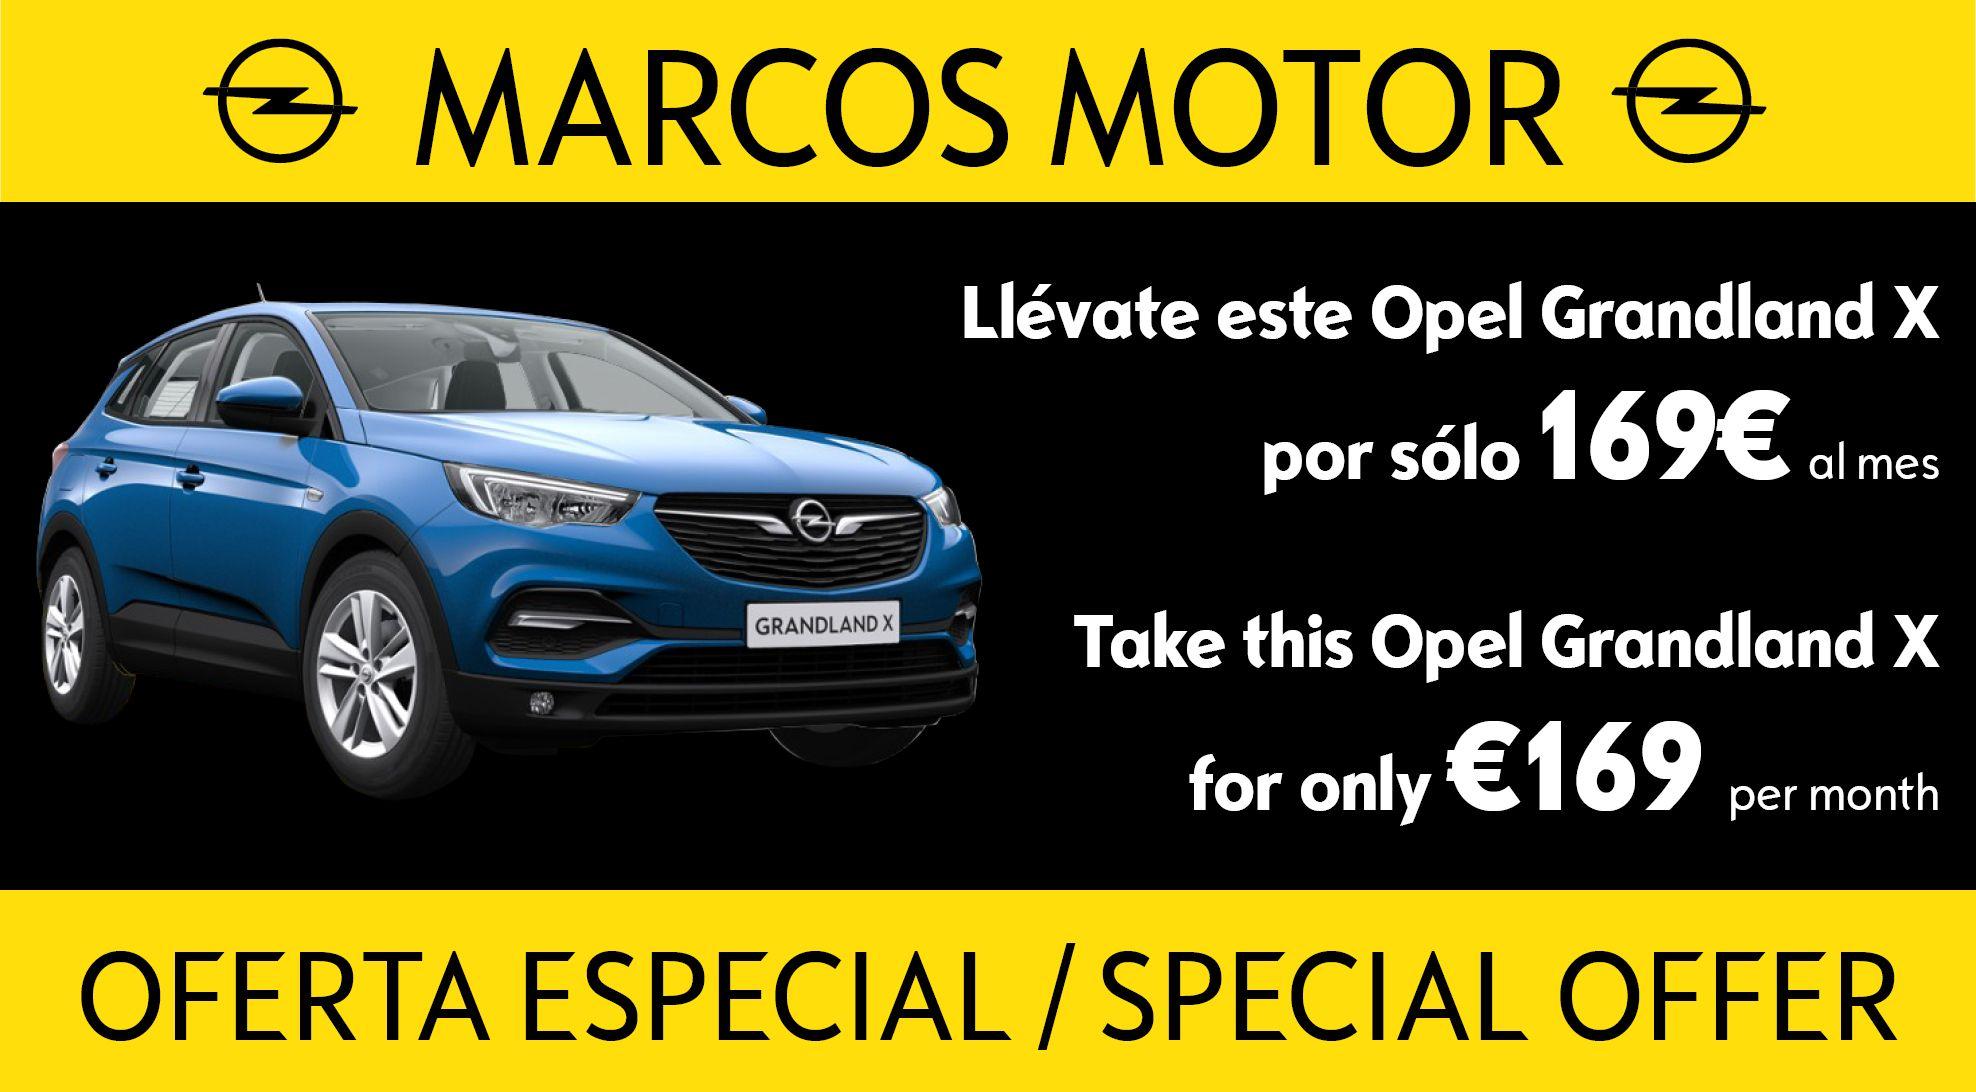 Oferta Opel Grandland X 169€ al mes